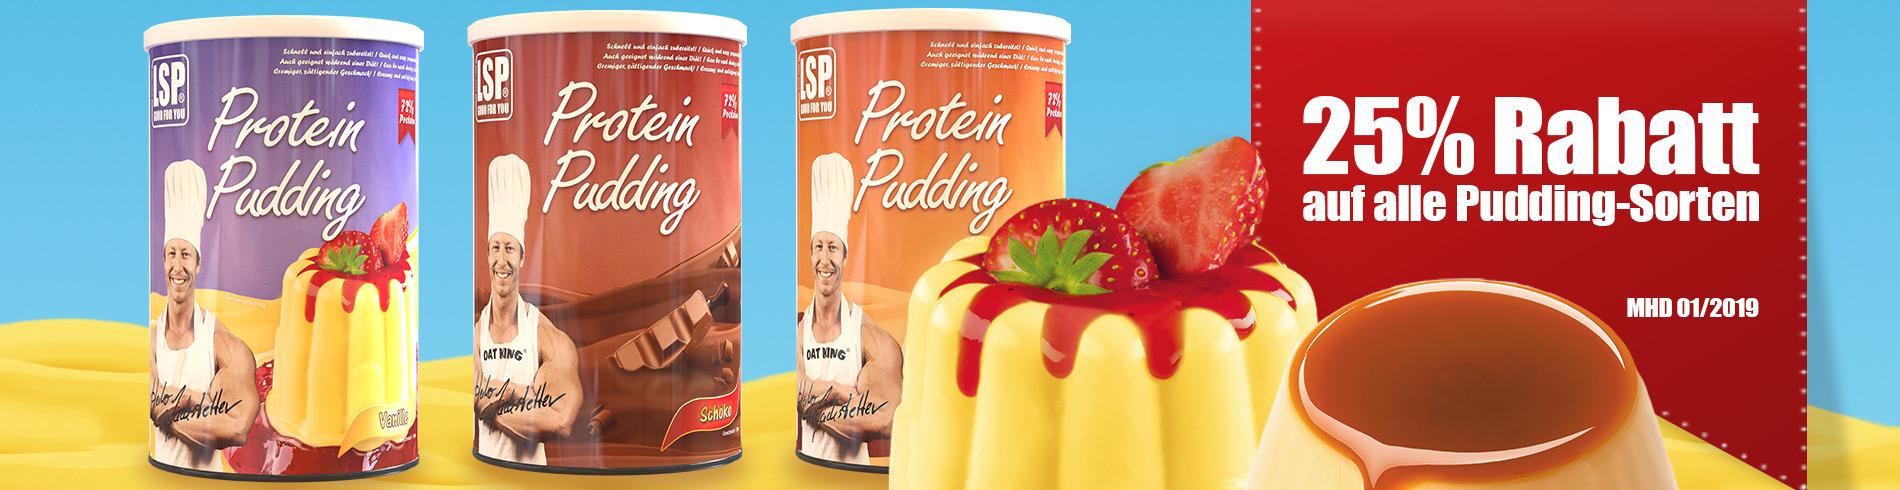 25% Rabatt auf alle Pudding-Sorten